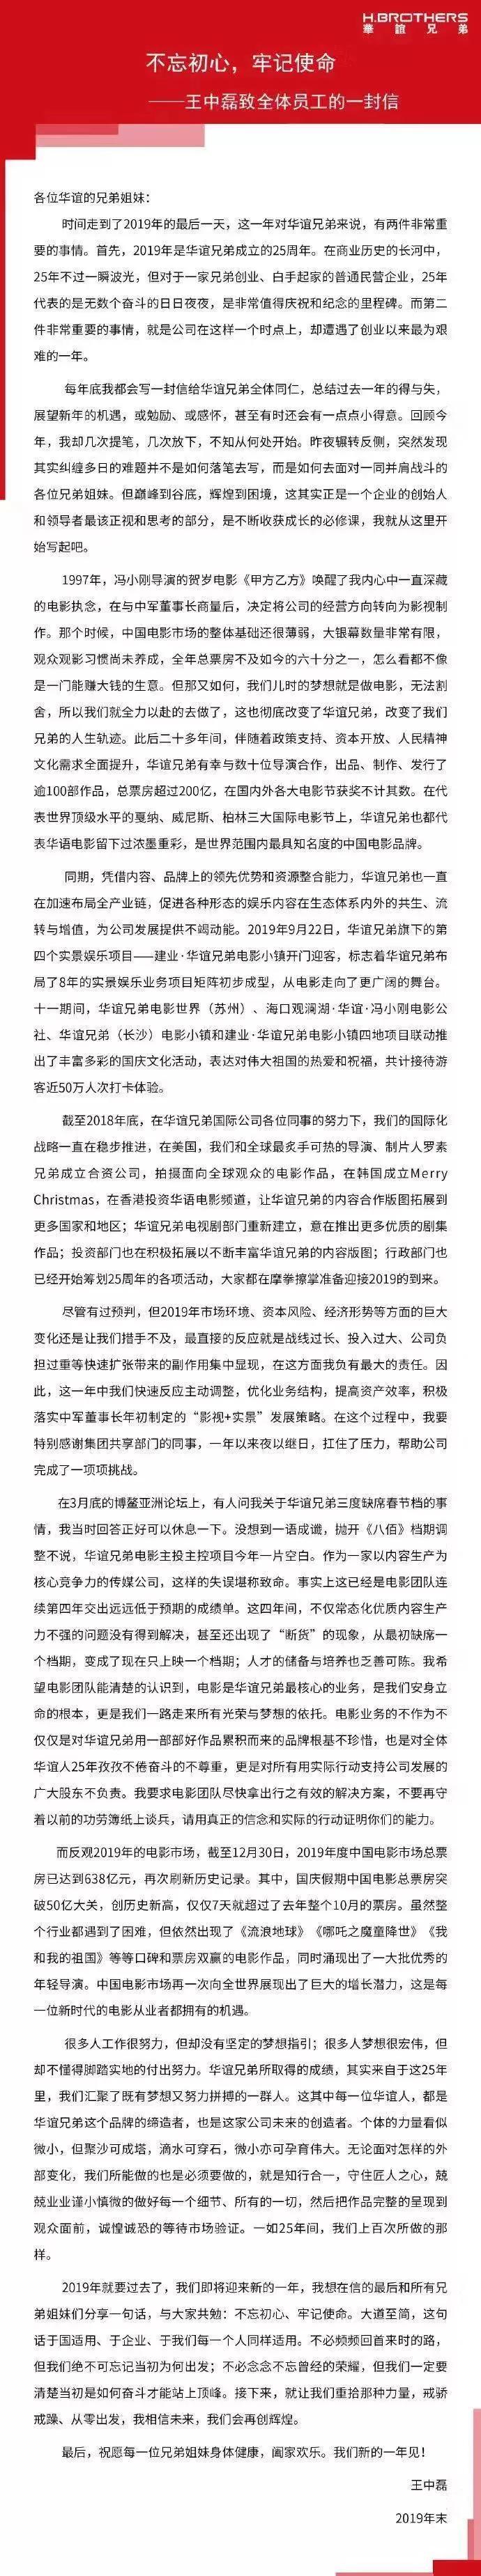 王中磊公開不滿,華誼致命失誤是電影團隊的鍋?